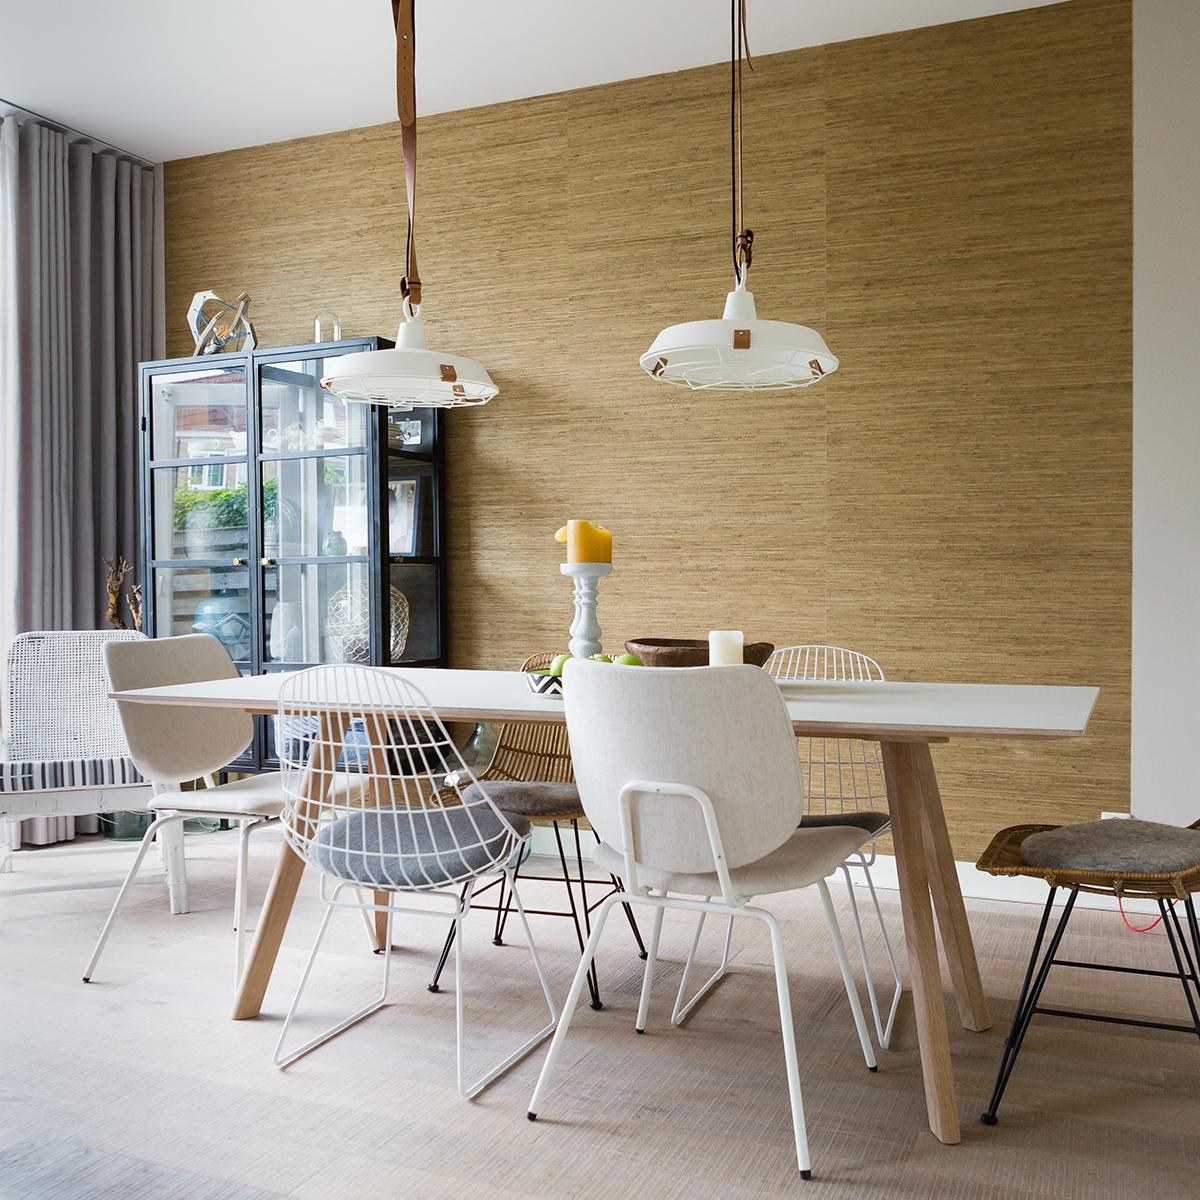 Eettafel met verschillende stoelen in dezelfde stijl van Eijerkamp